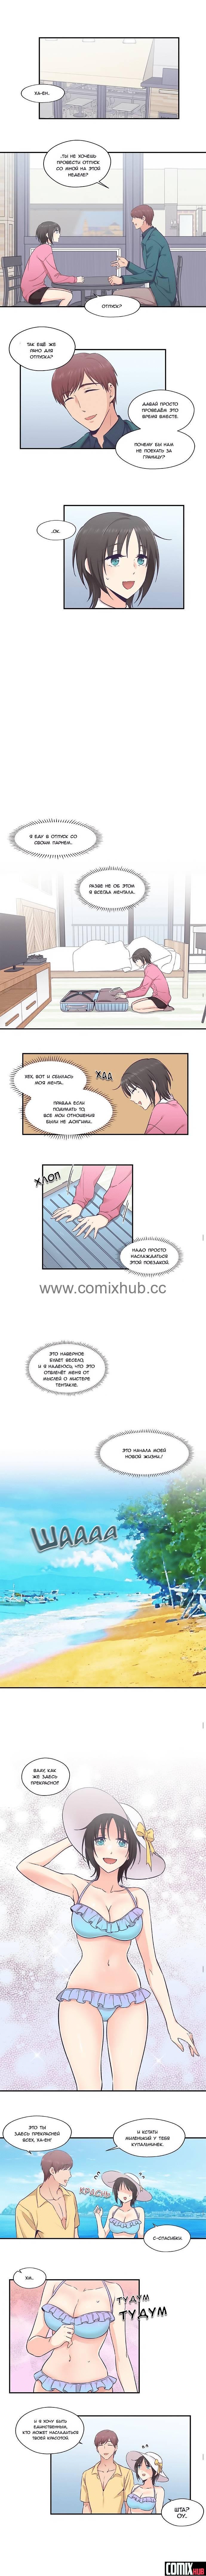 Мой личный Сквиши, часть 24 Без цензуры, Анал, Большая грудь, Минет, Хентай манга, манхва